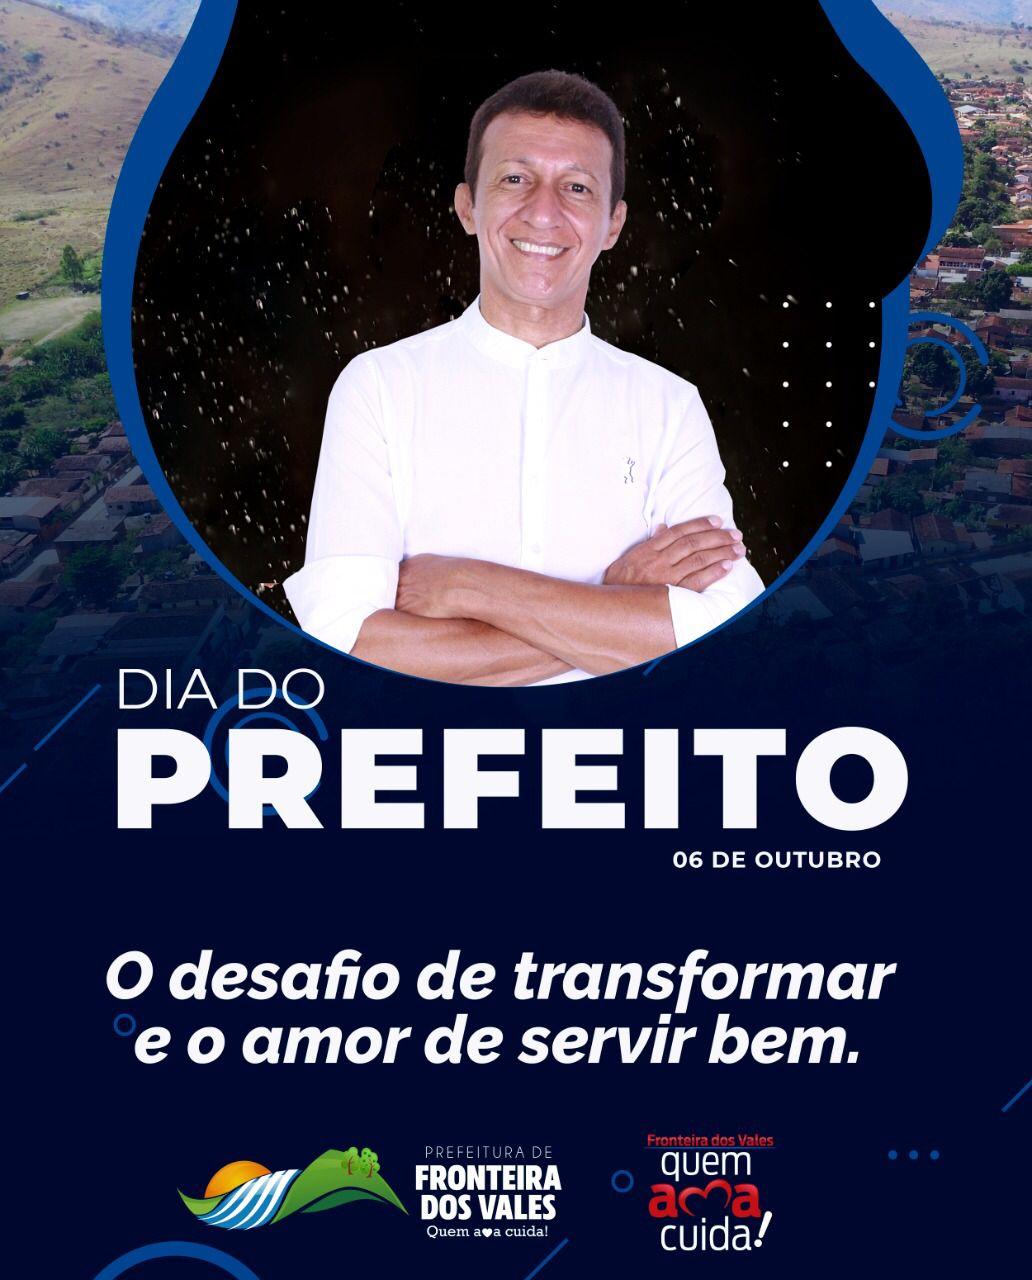 DIA DO PREFEITO, 06 DE OUTUBRO